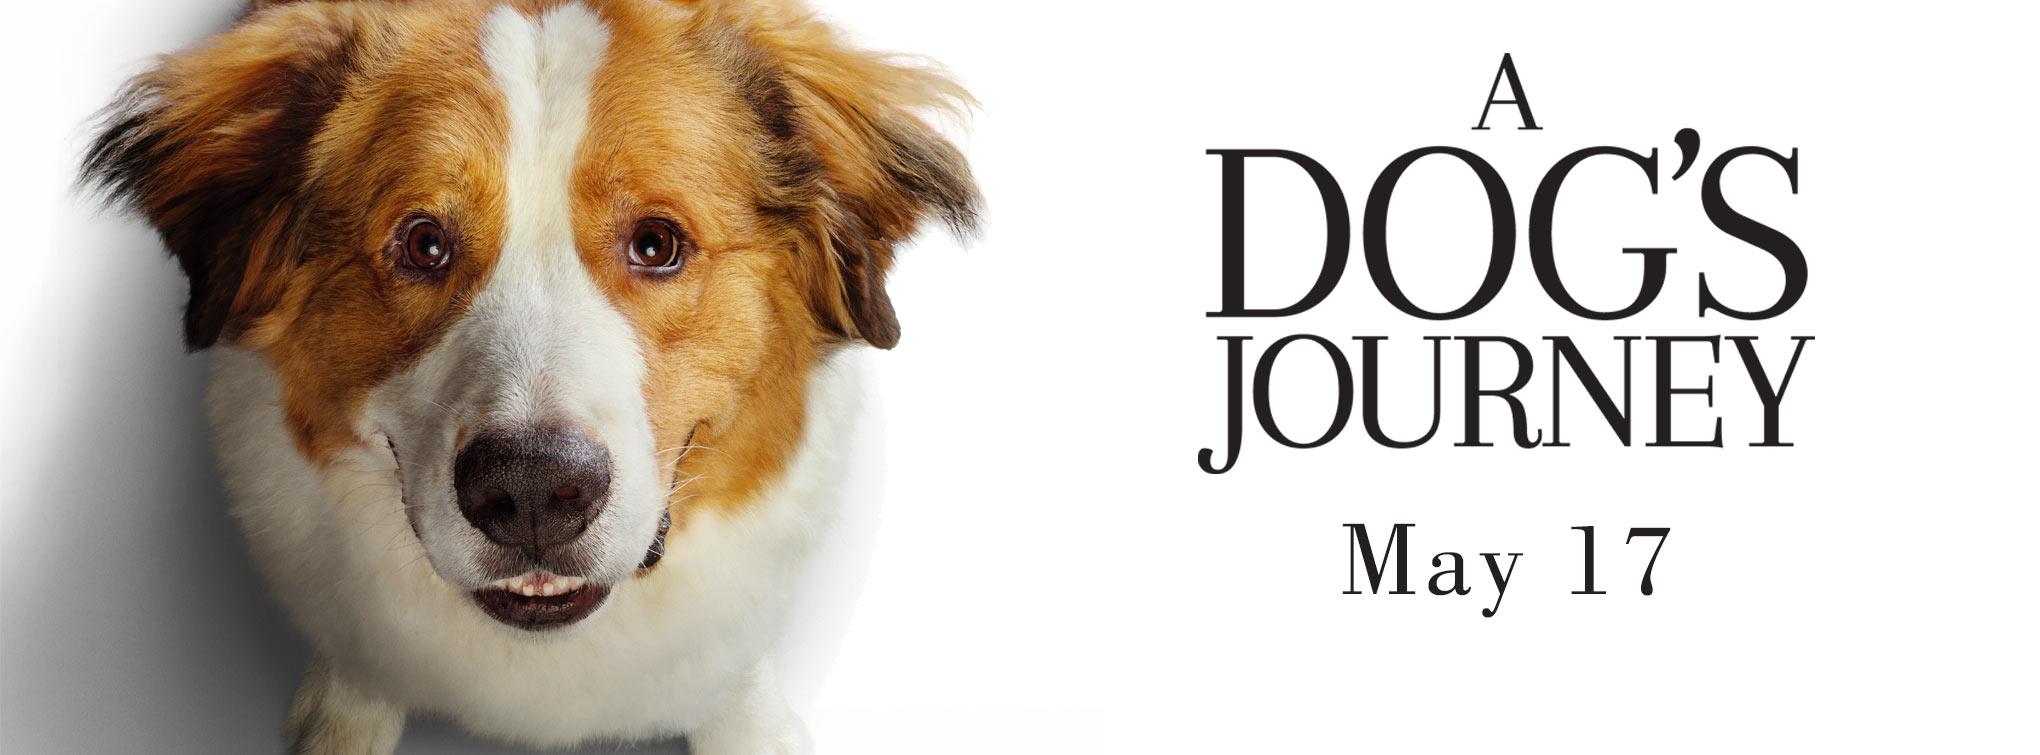 Slider image for A Dog's Journey